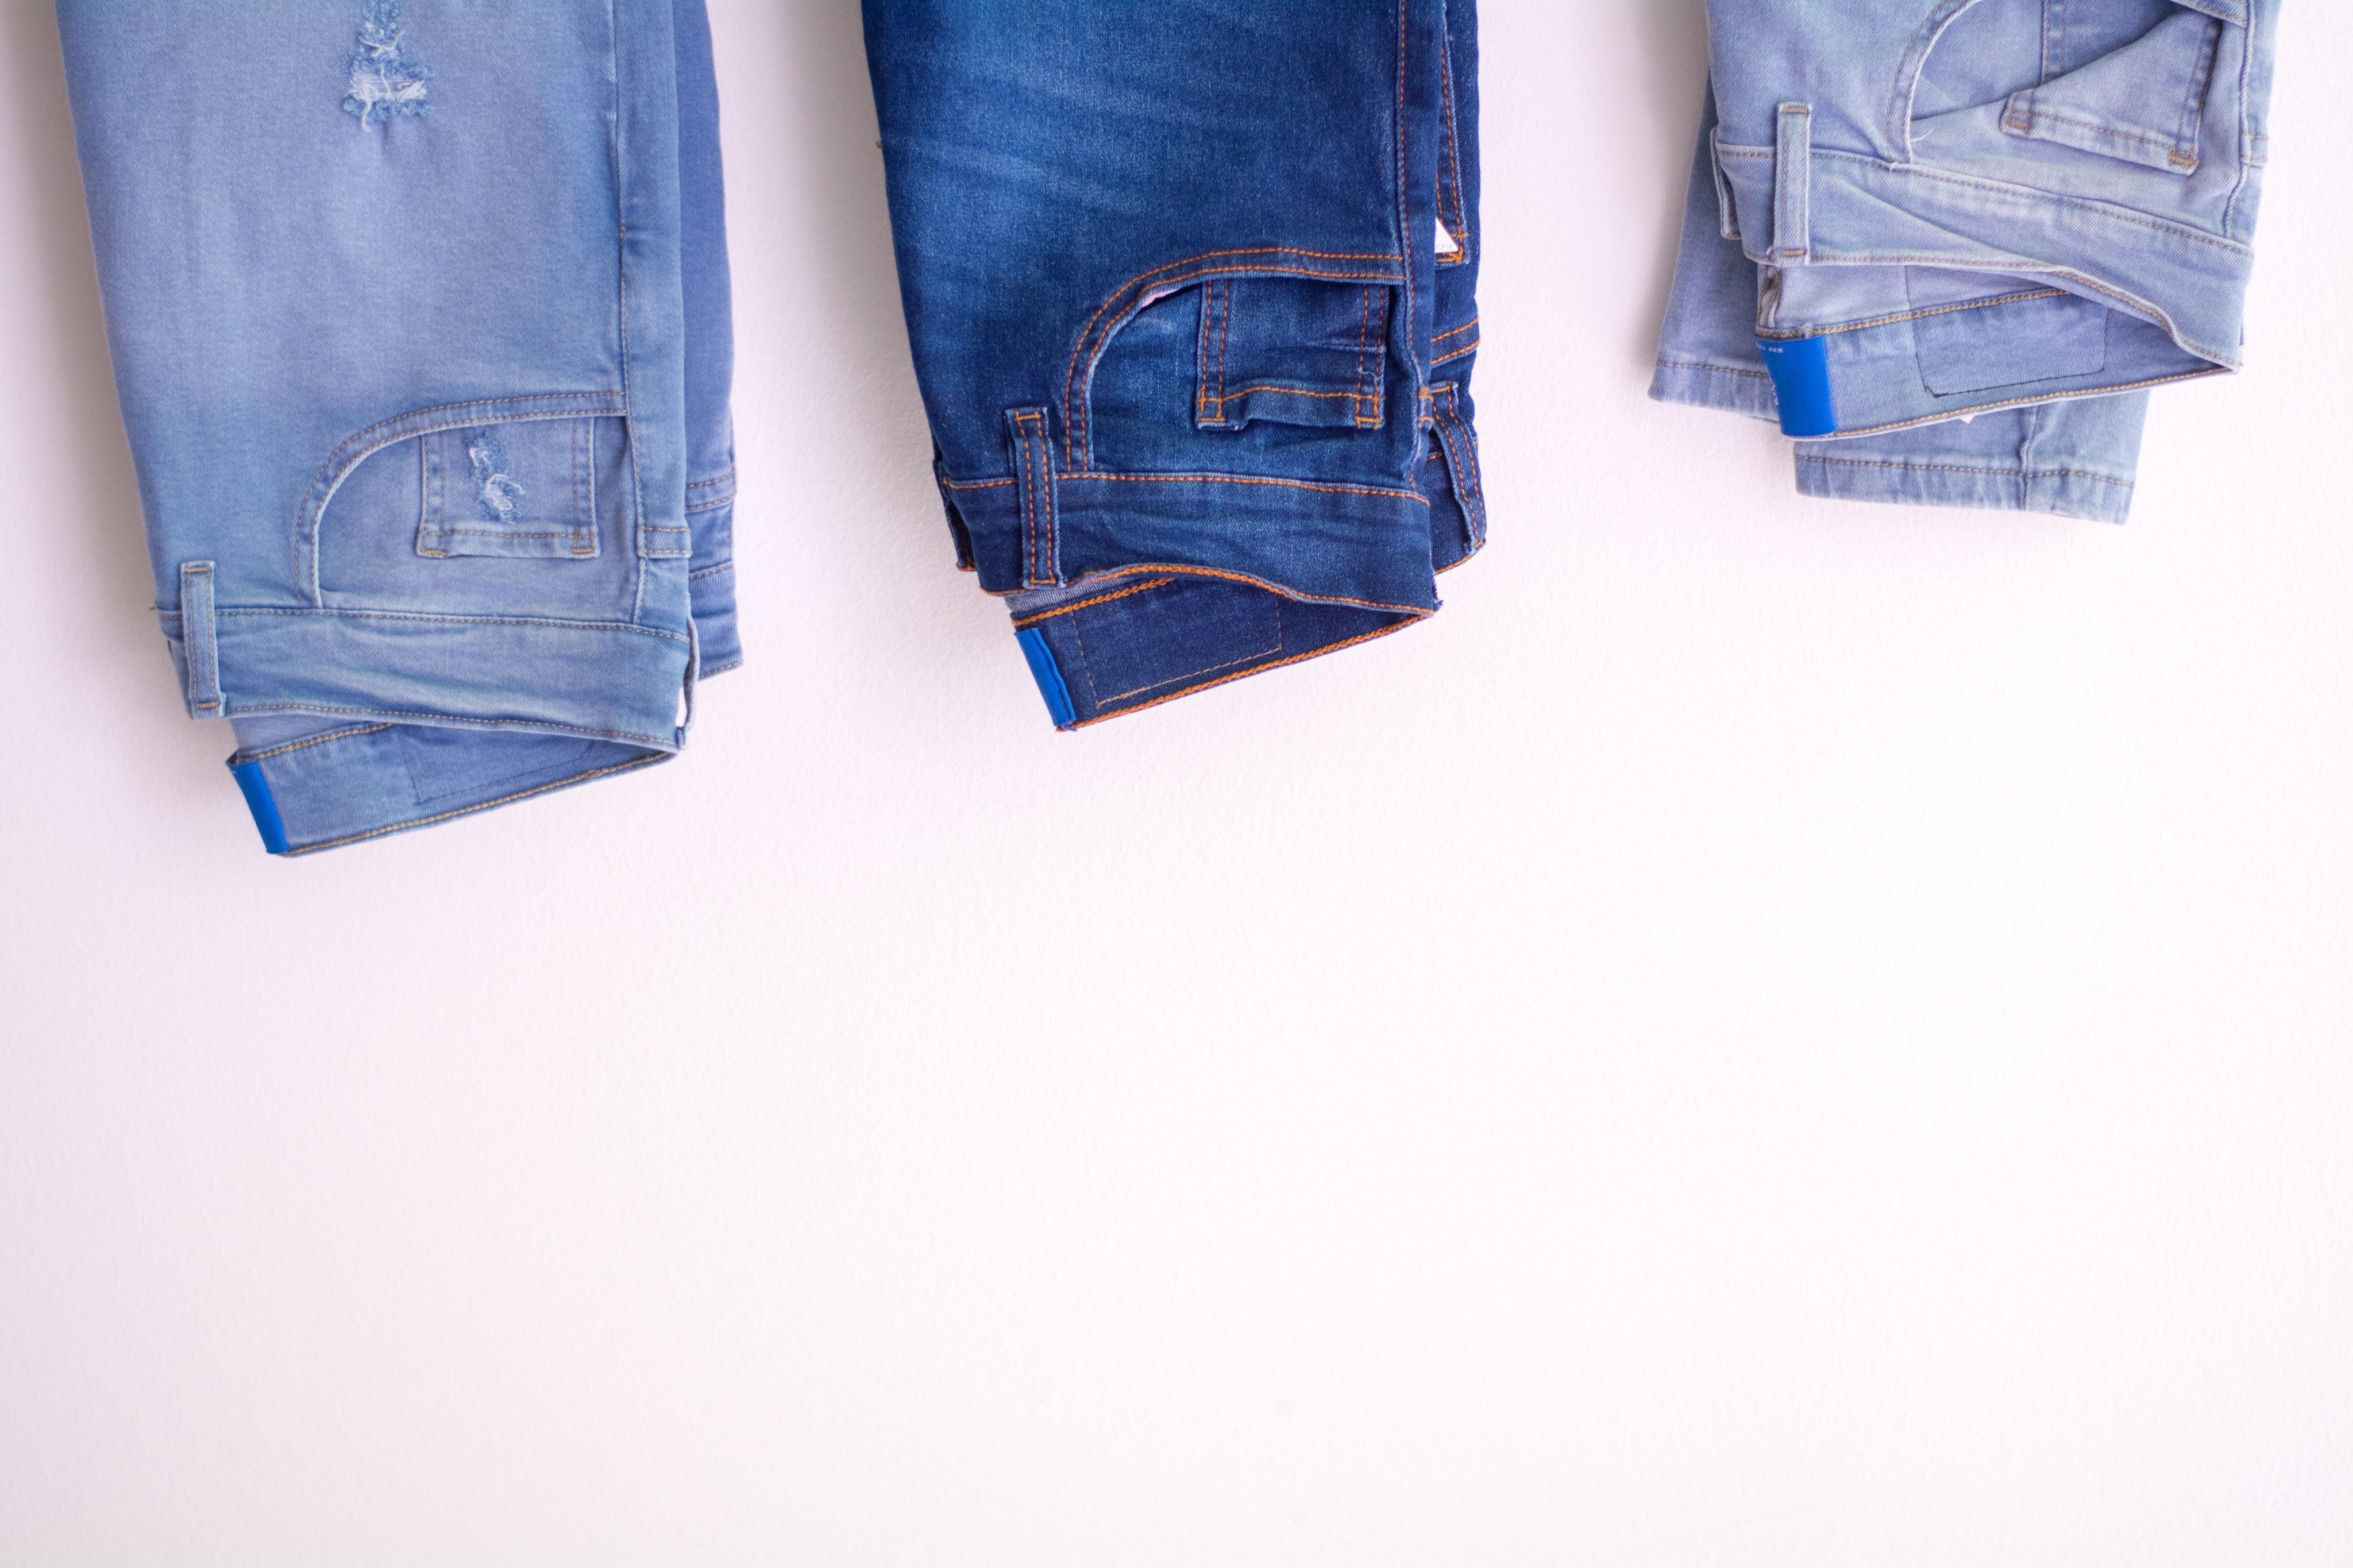 5 предметов гардероба, от которых стоит отказаться хотя бы ради здоровья